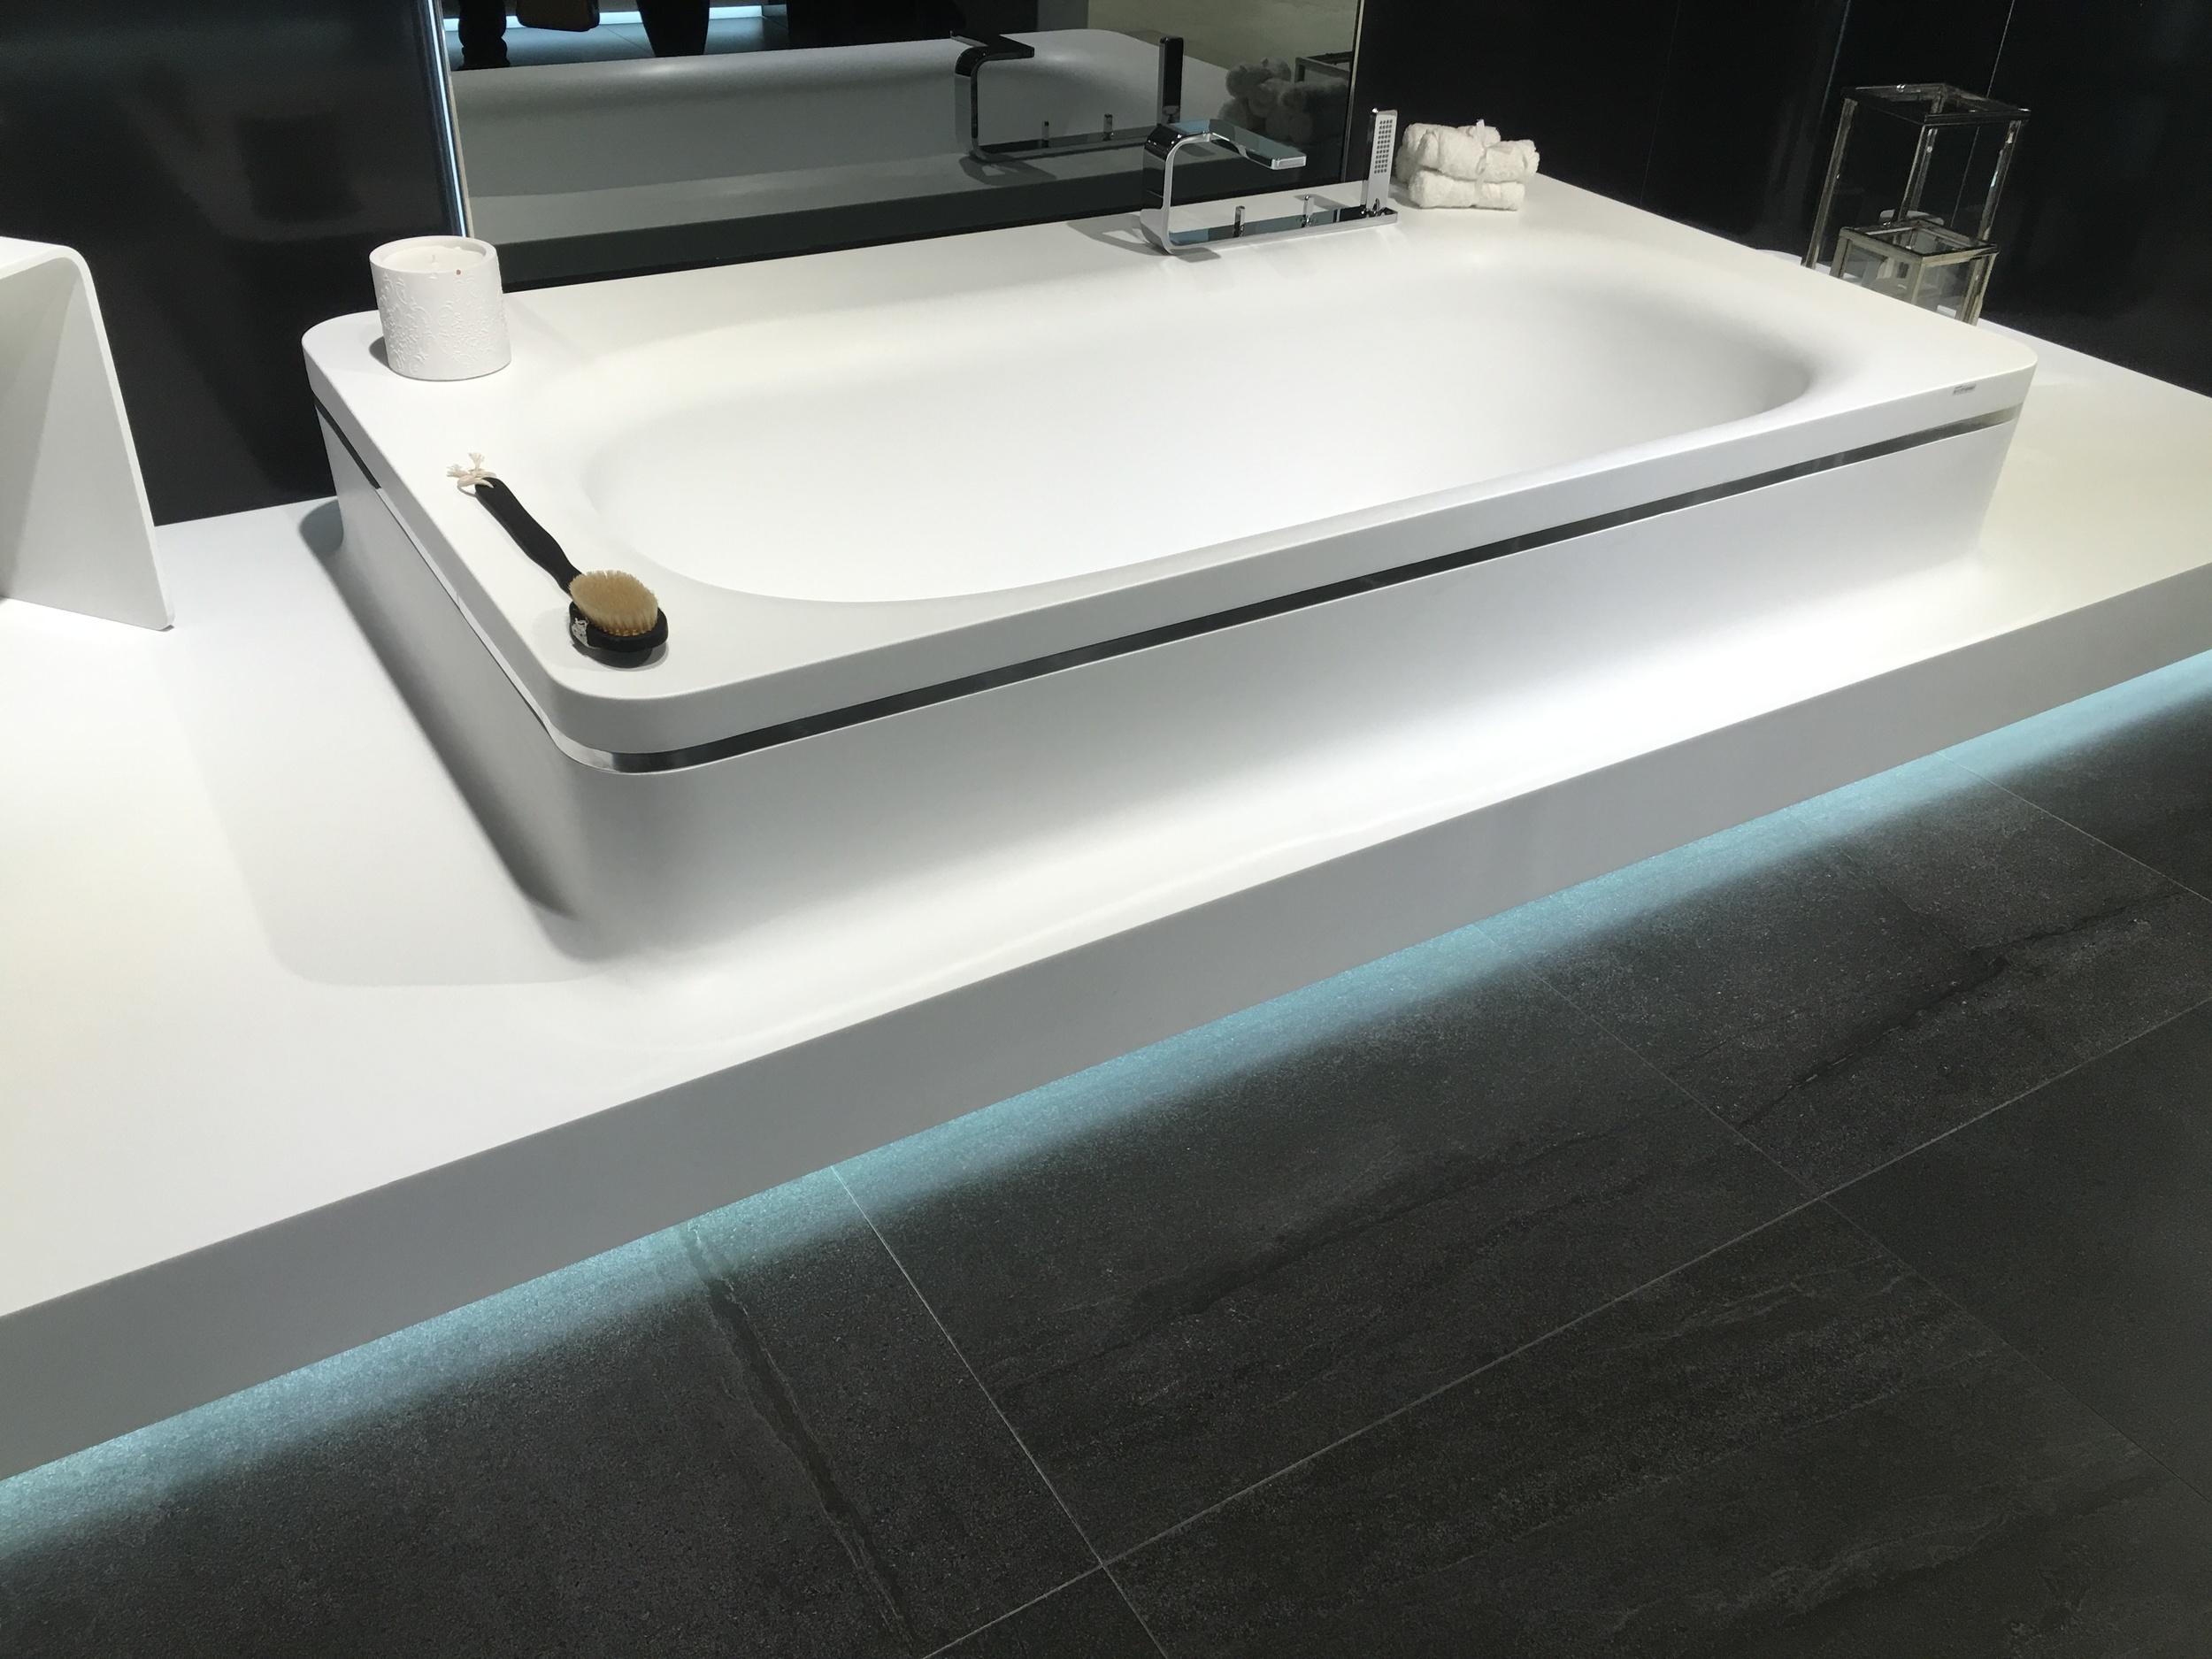 Krion bath